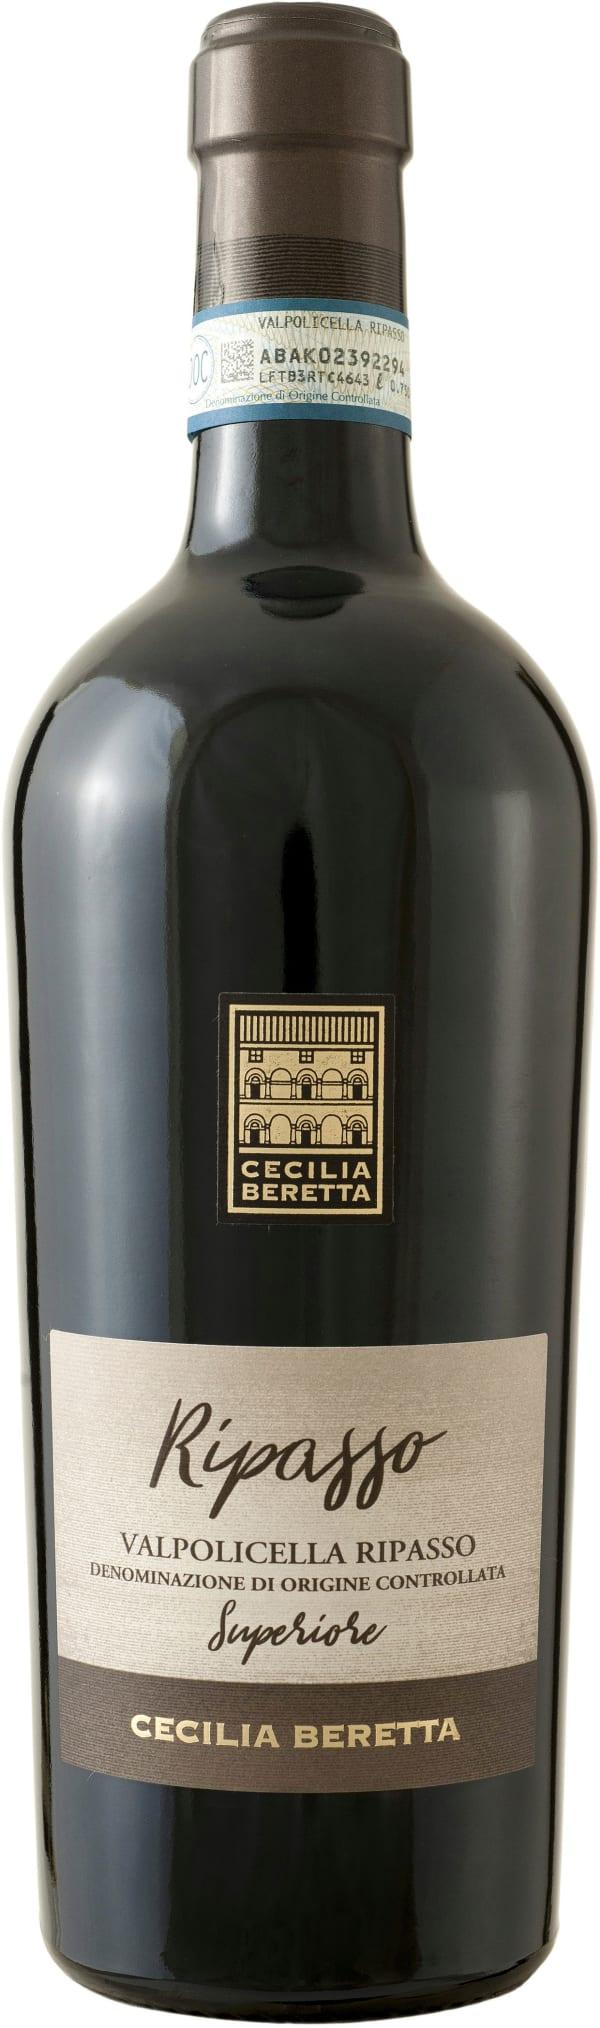 Cecilia Beretta Ripasso 2016